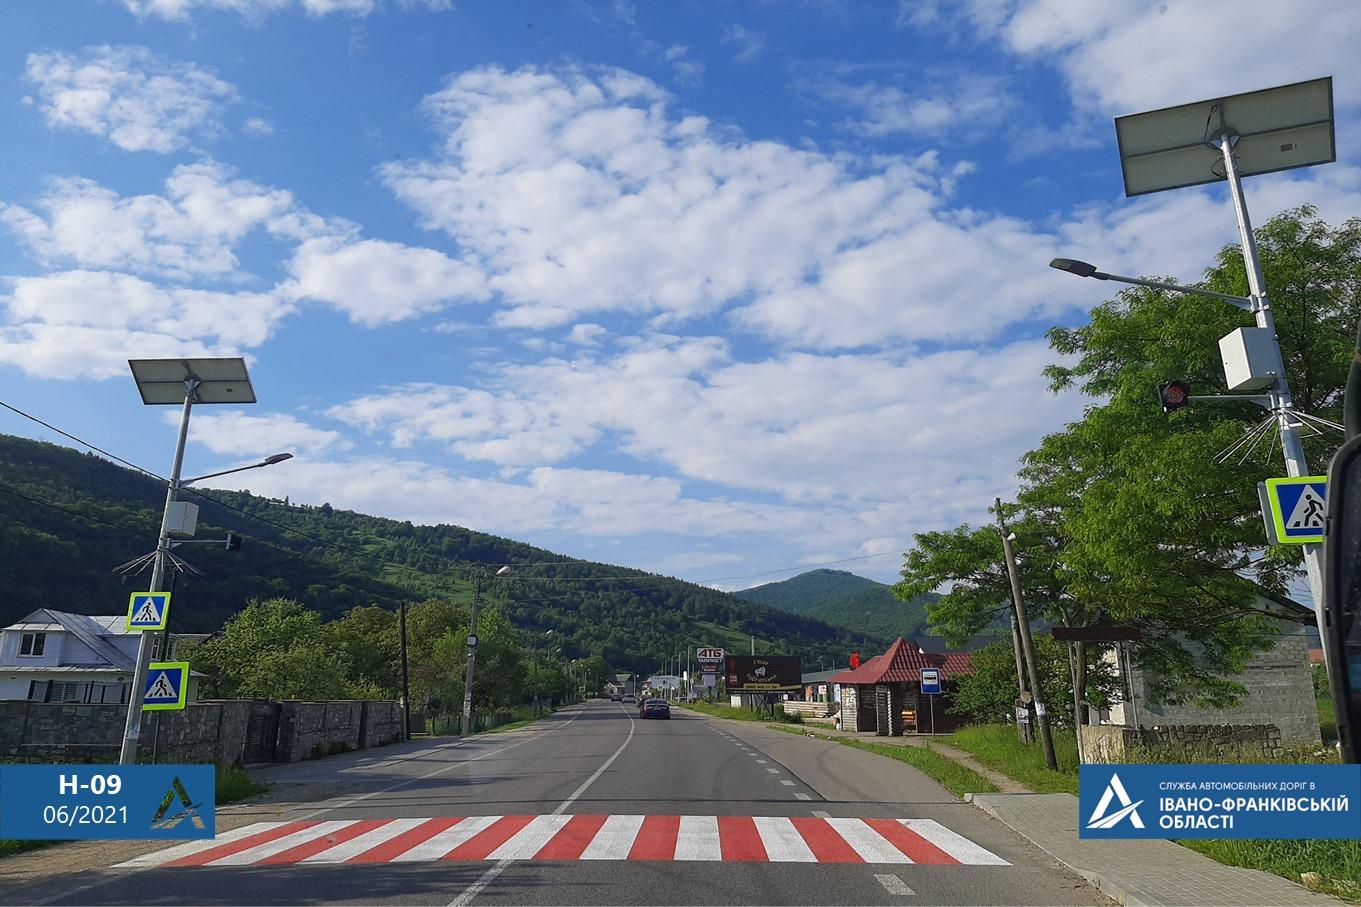 Нові тротуари, знаки та освітлення: як на Прикарпатті дороги роблять безпечнішими (ФОТО)